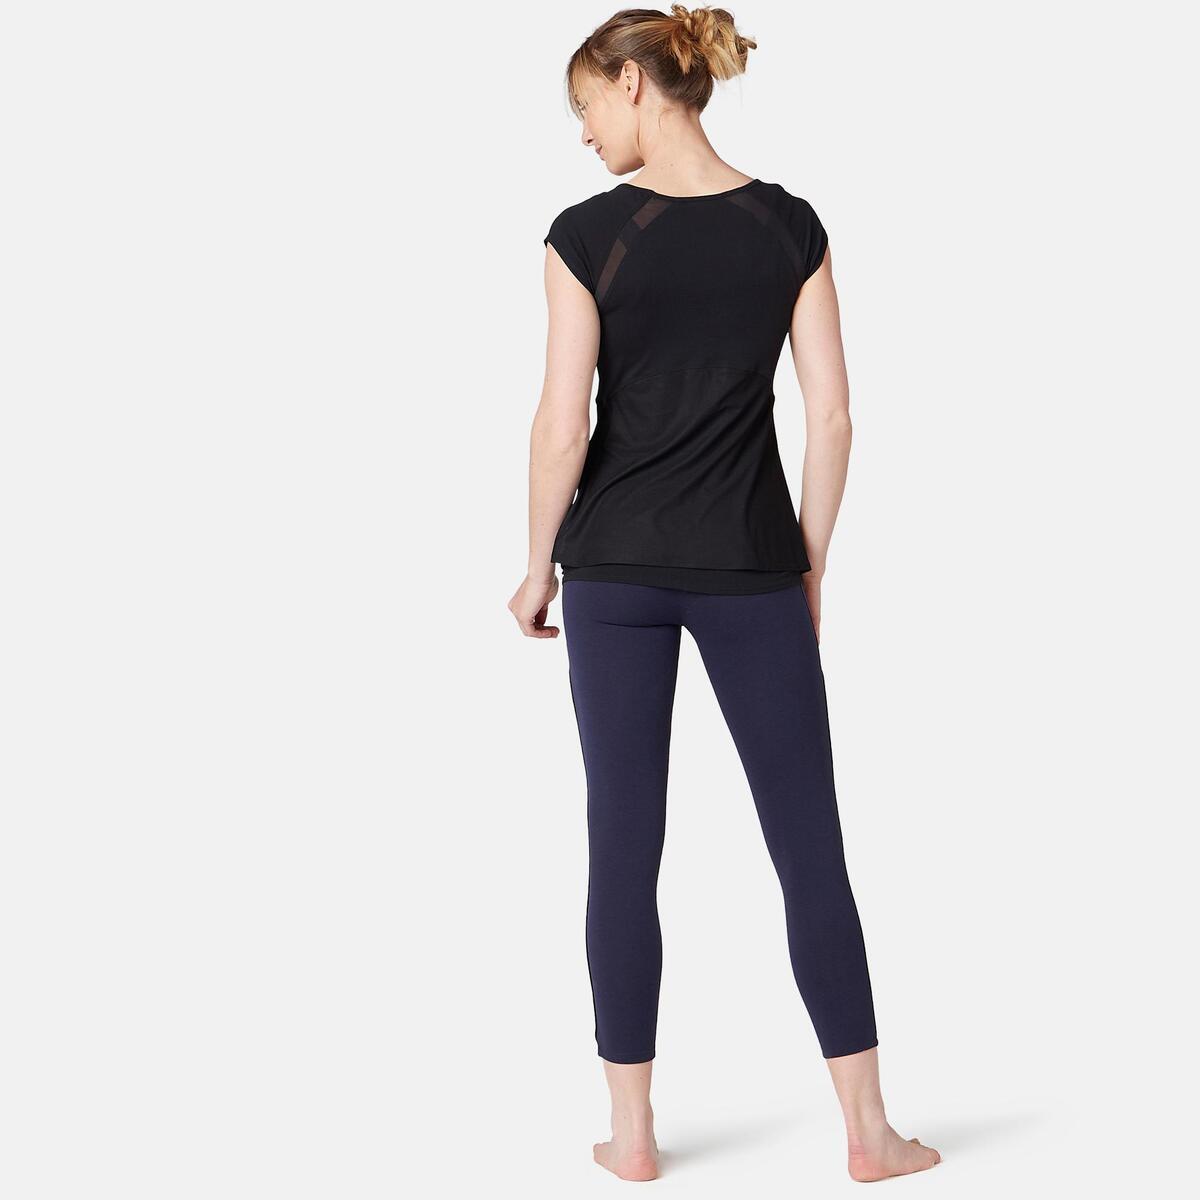 Bild 4 von 7/8-Leggings 510 Gym & Pilates Damen marineblau/schwarz